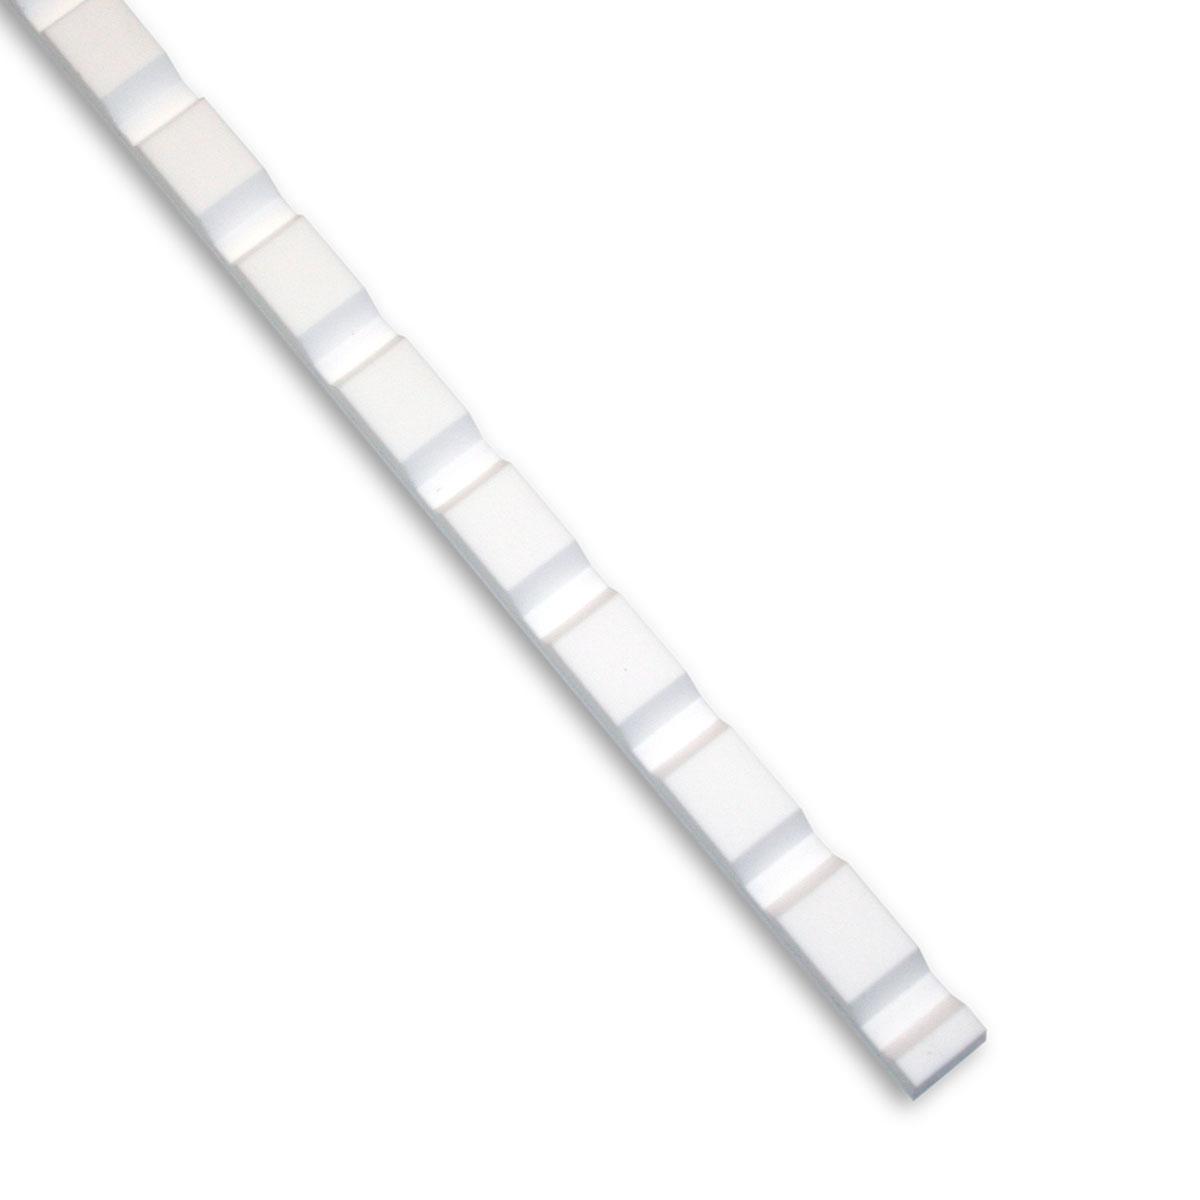 teflonband mit rillen horizontal fr heatsoakframe